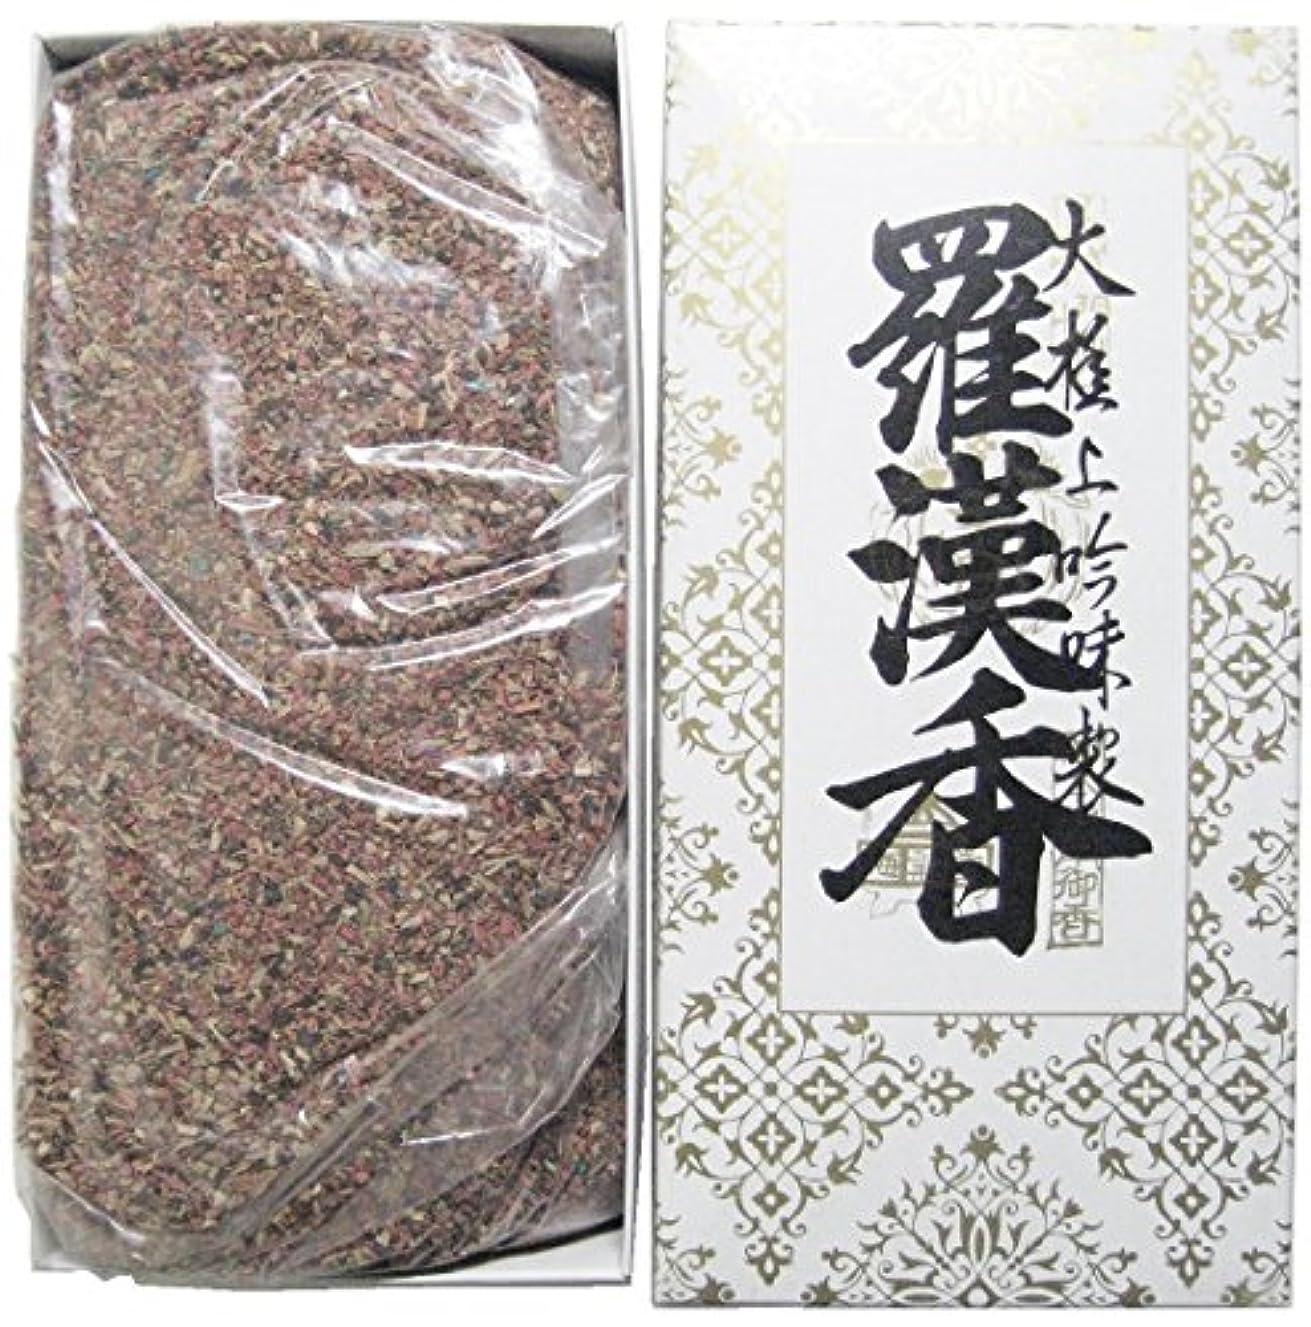 元気なけがをする主観的淡路梅薫堂のお香 羅漢香 500g #905